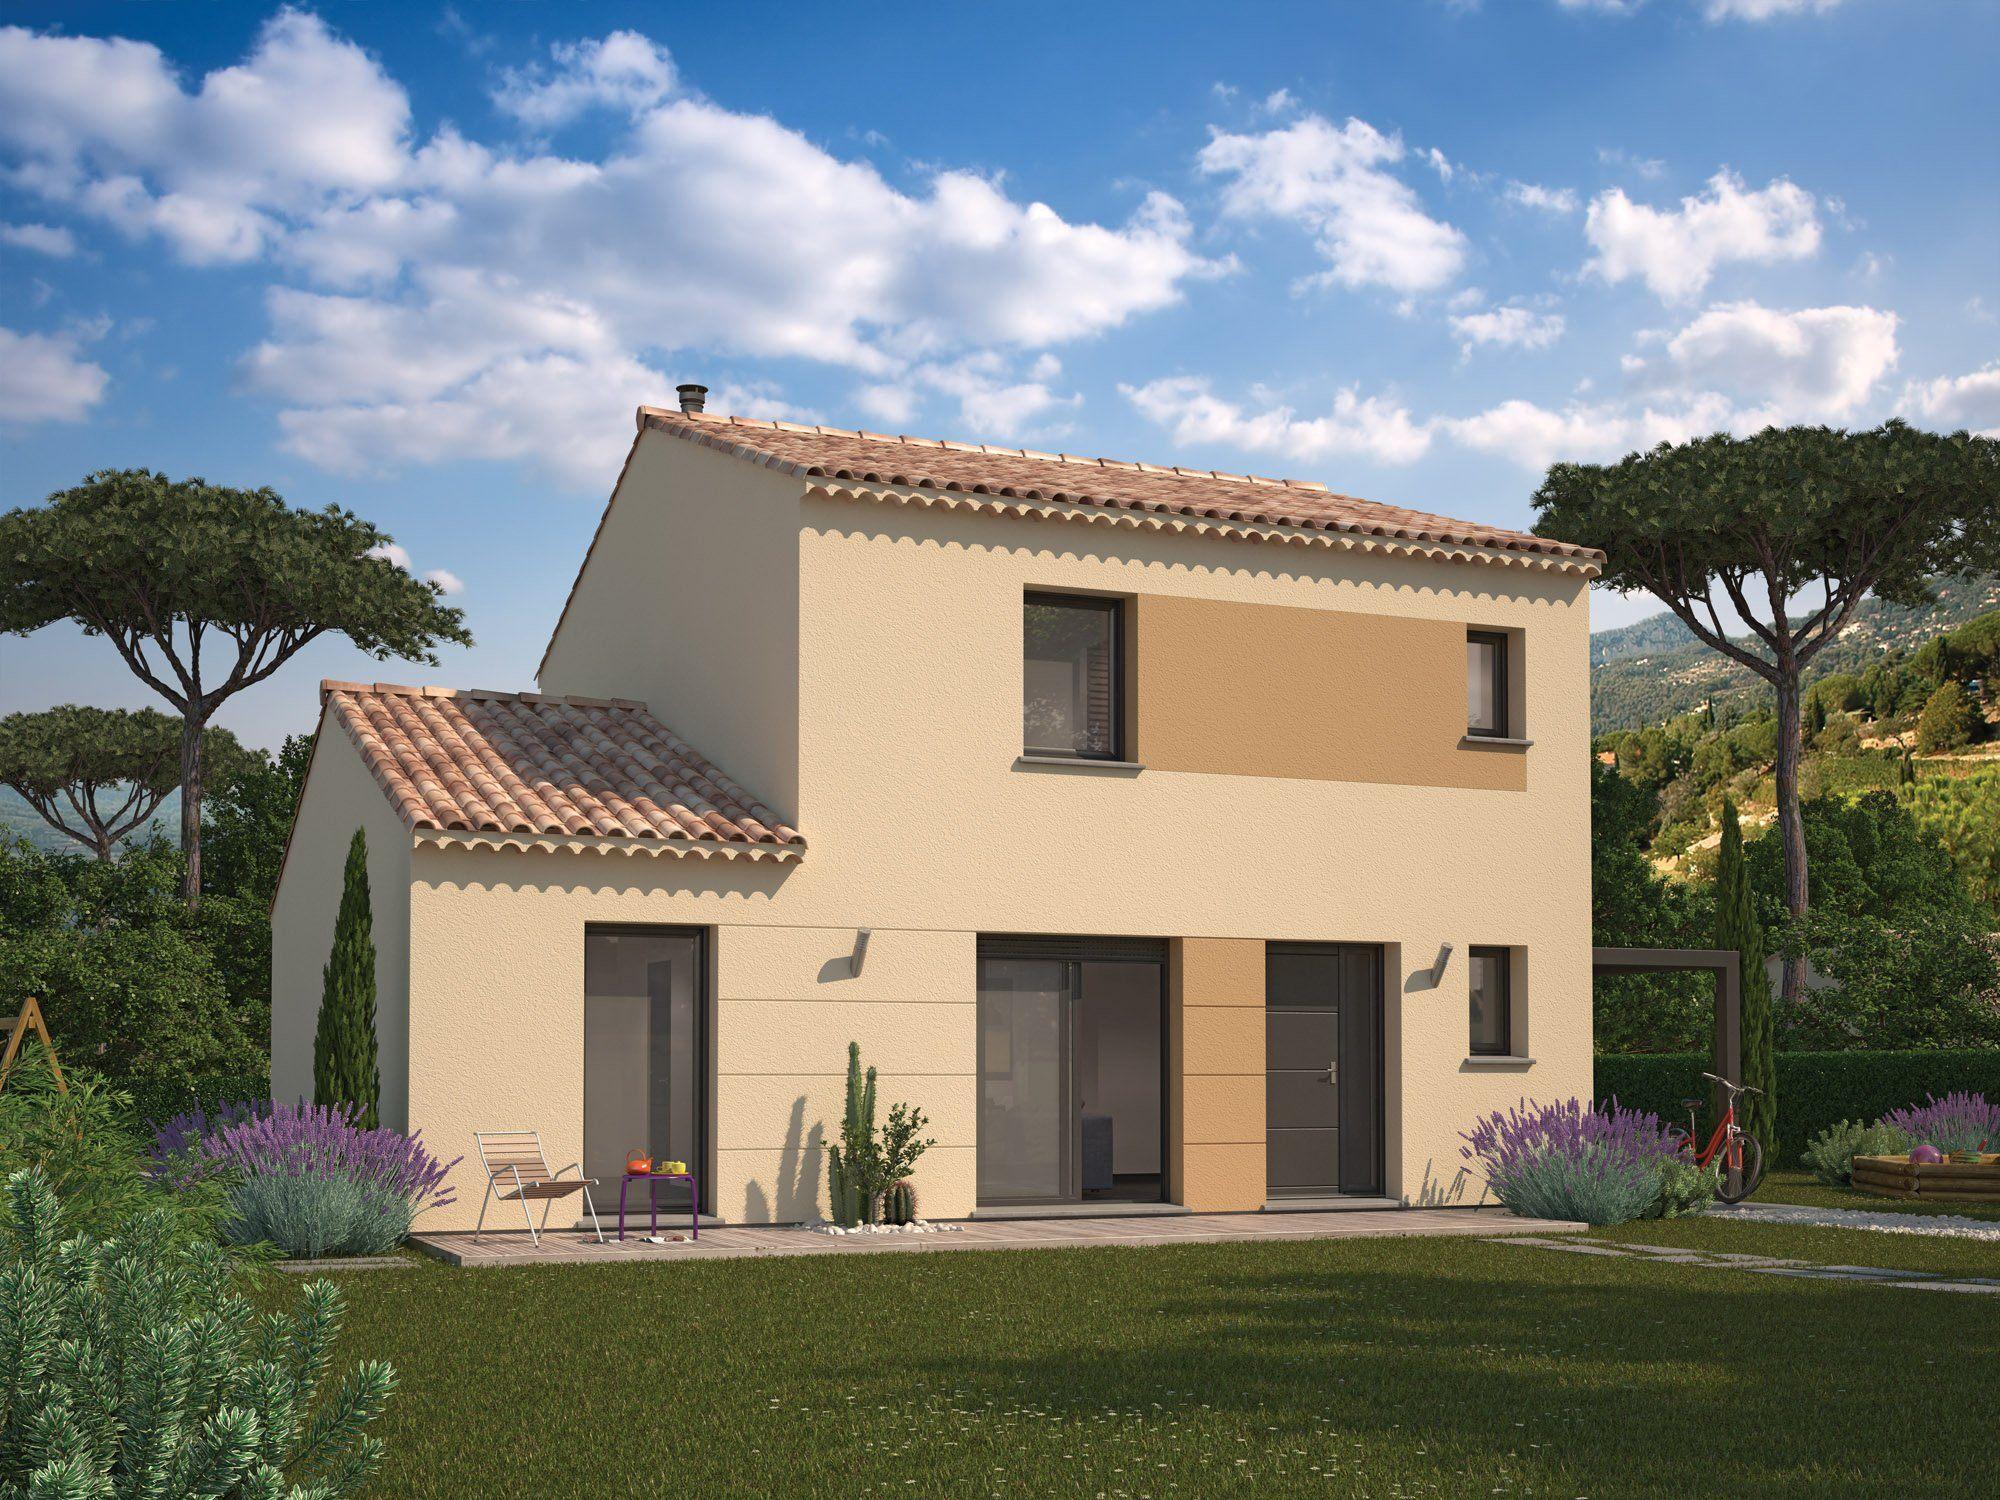 Maisons + Terrains du constructeur Maison Familiale Toulouse • 113 m² • LAGARDELLE SUR LEZE